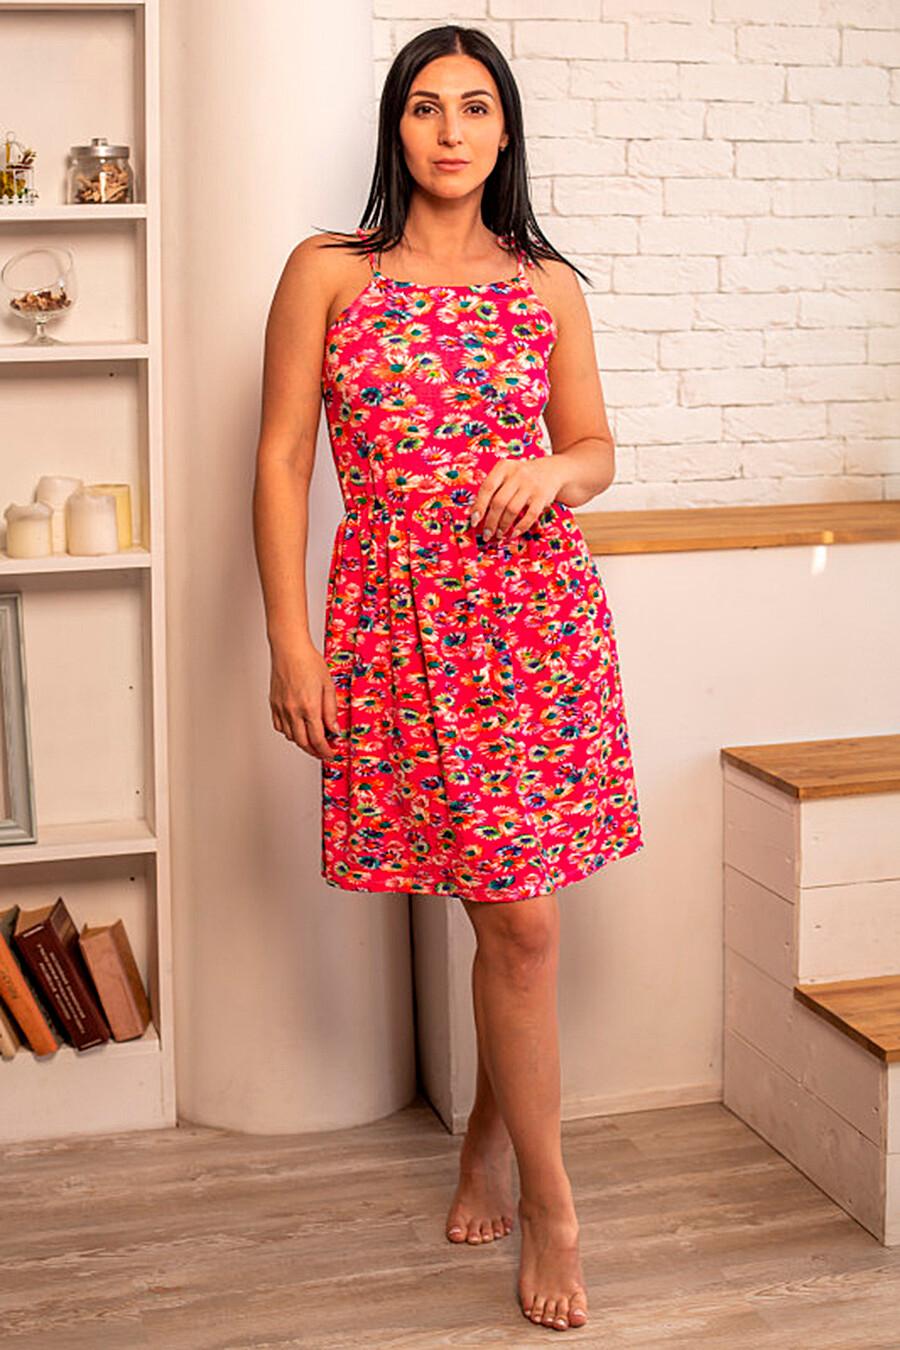 Сарафан для женщин SOFIYA37 668397 купить оптом от производителя. Совместная покупка женской одежды в OptMoyo